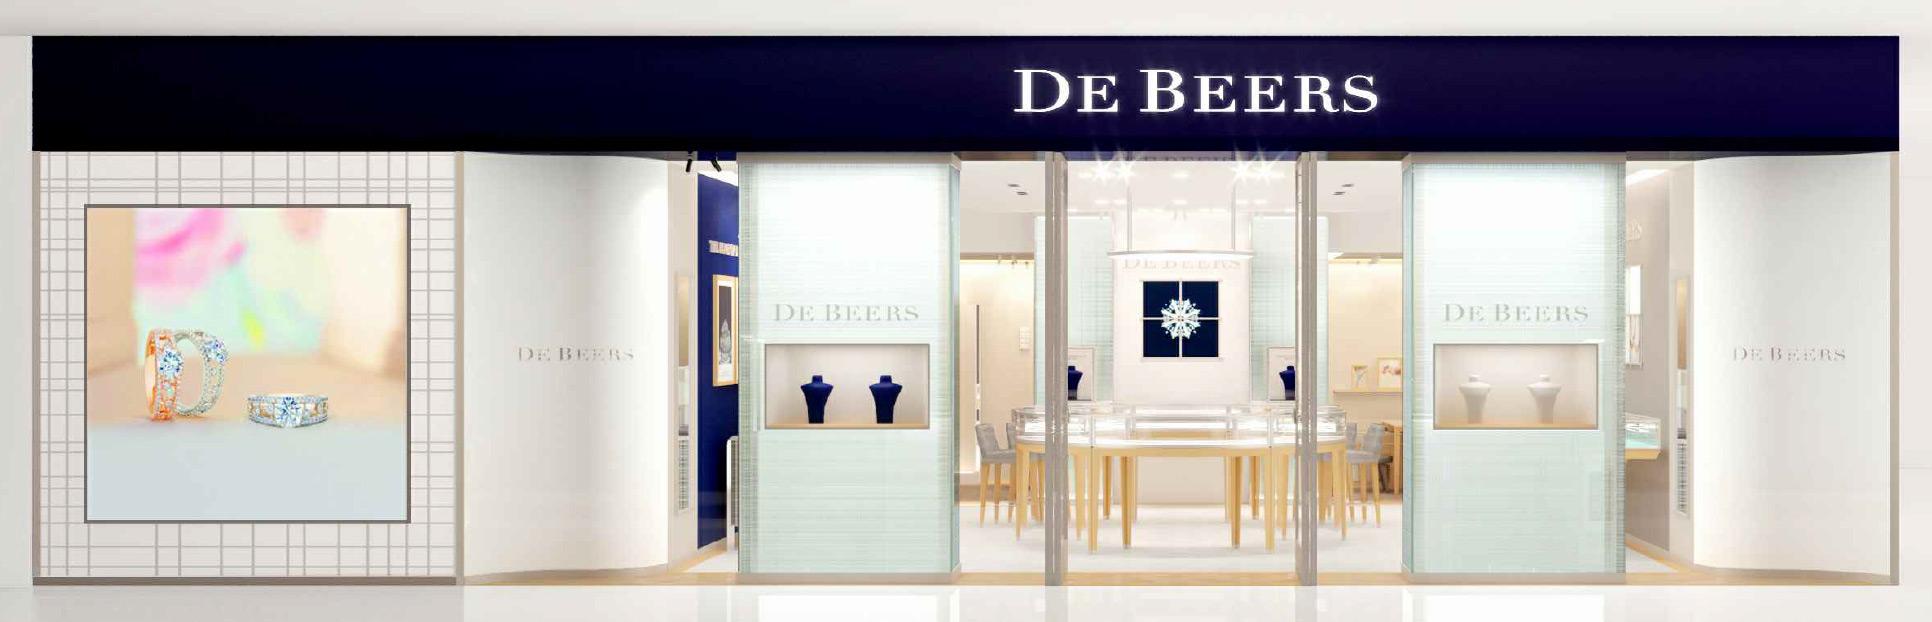 De Beers store exterior